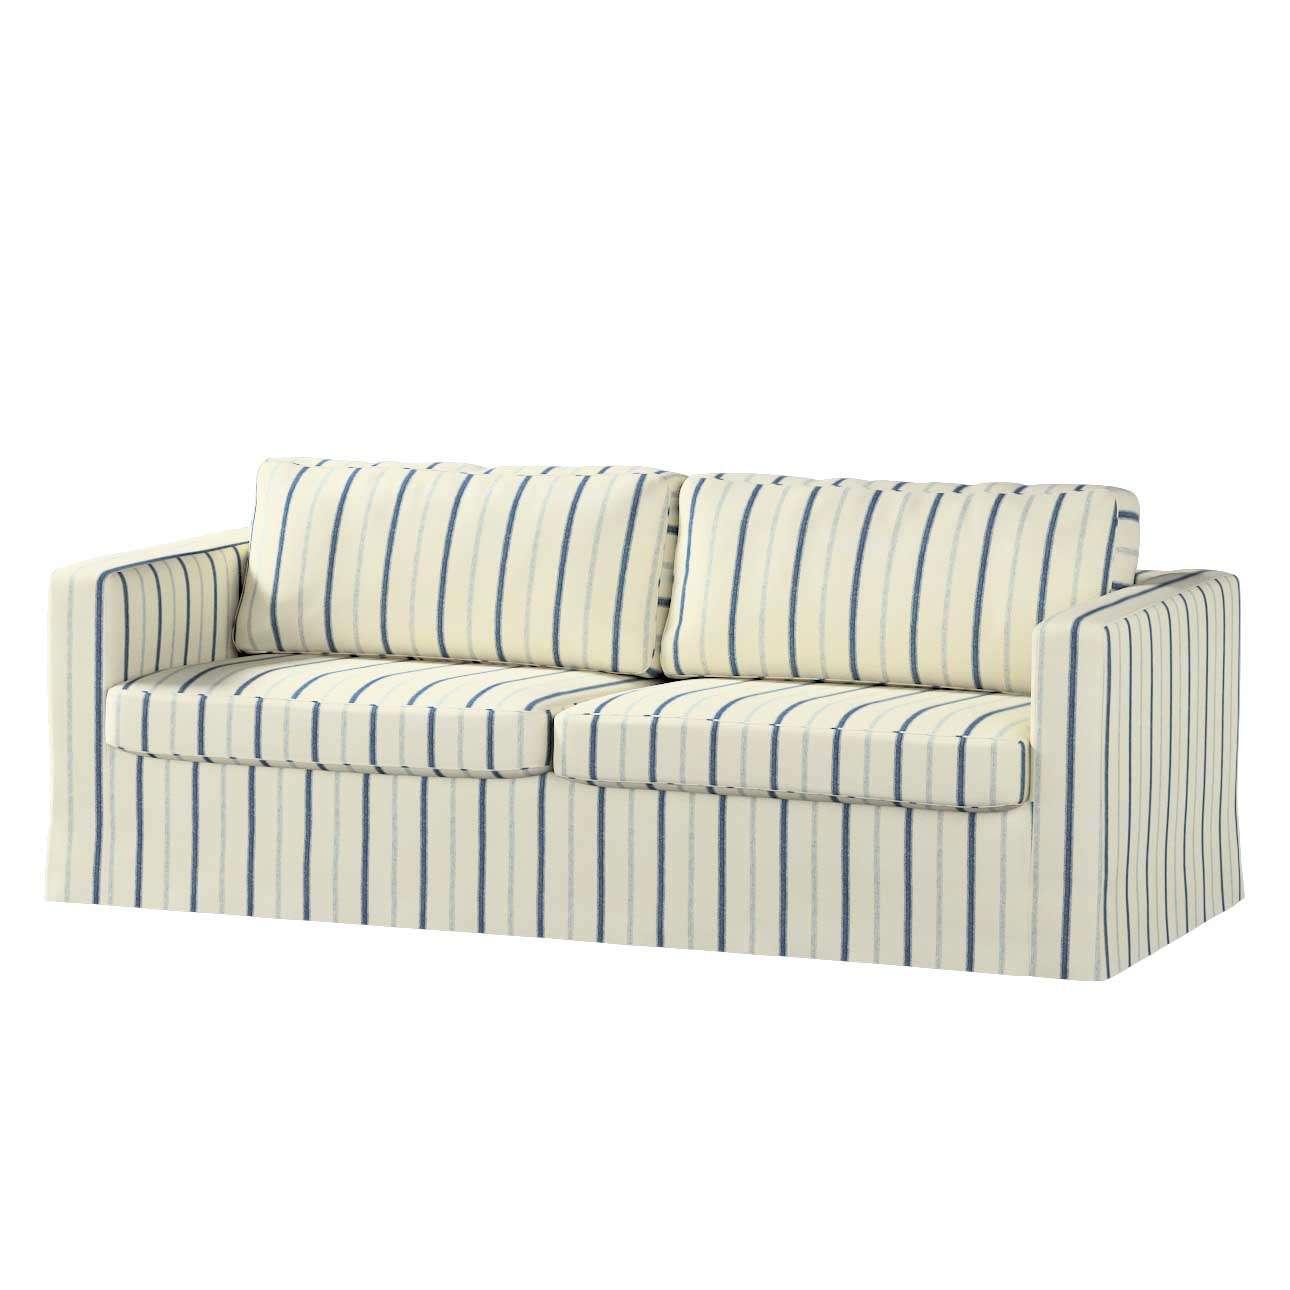 Pokrowiec na sofę Karlstad 3-osobową nierozkładaną, długi Sofa Karlstad 3-osobowa w kolekcji Avinon, tkanina: 129-66